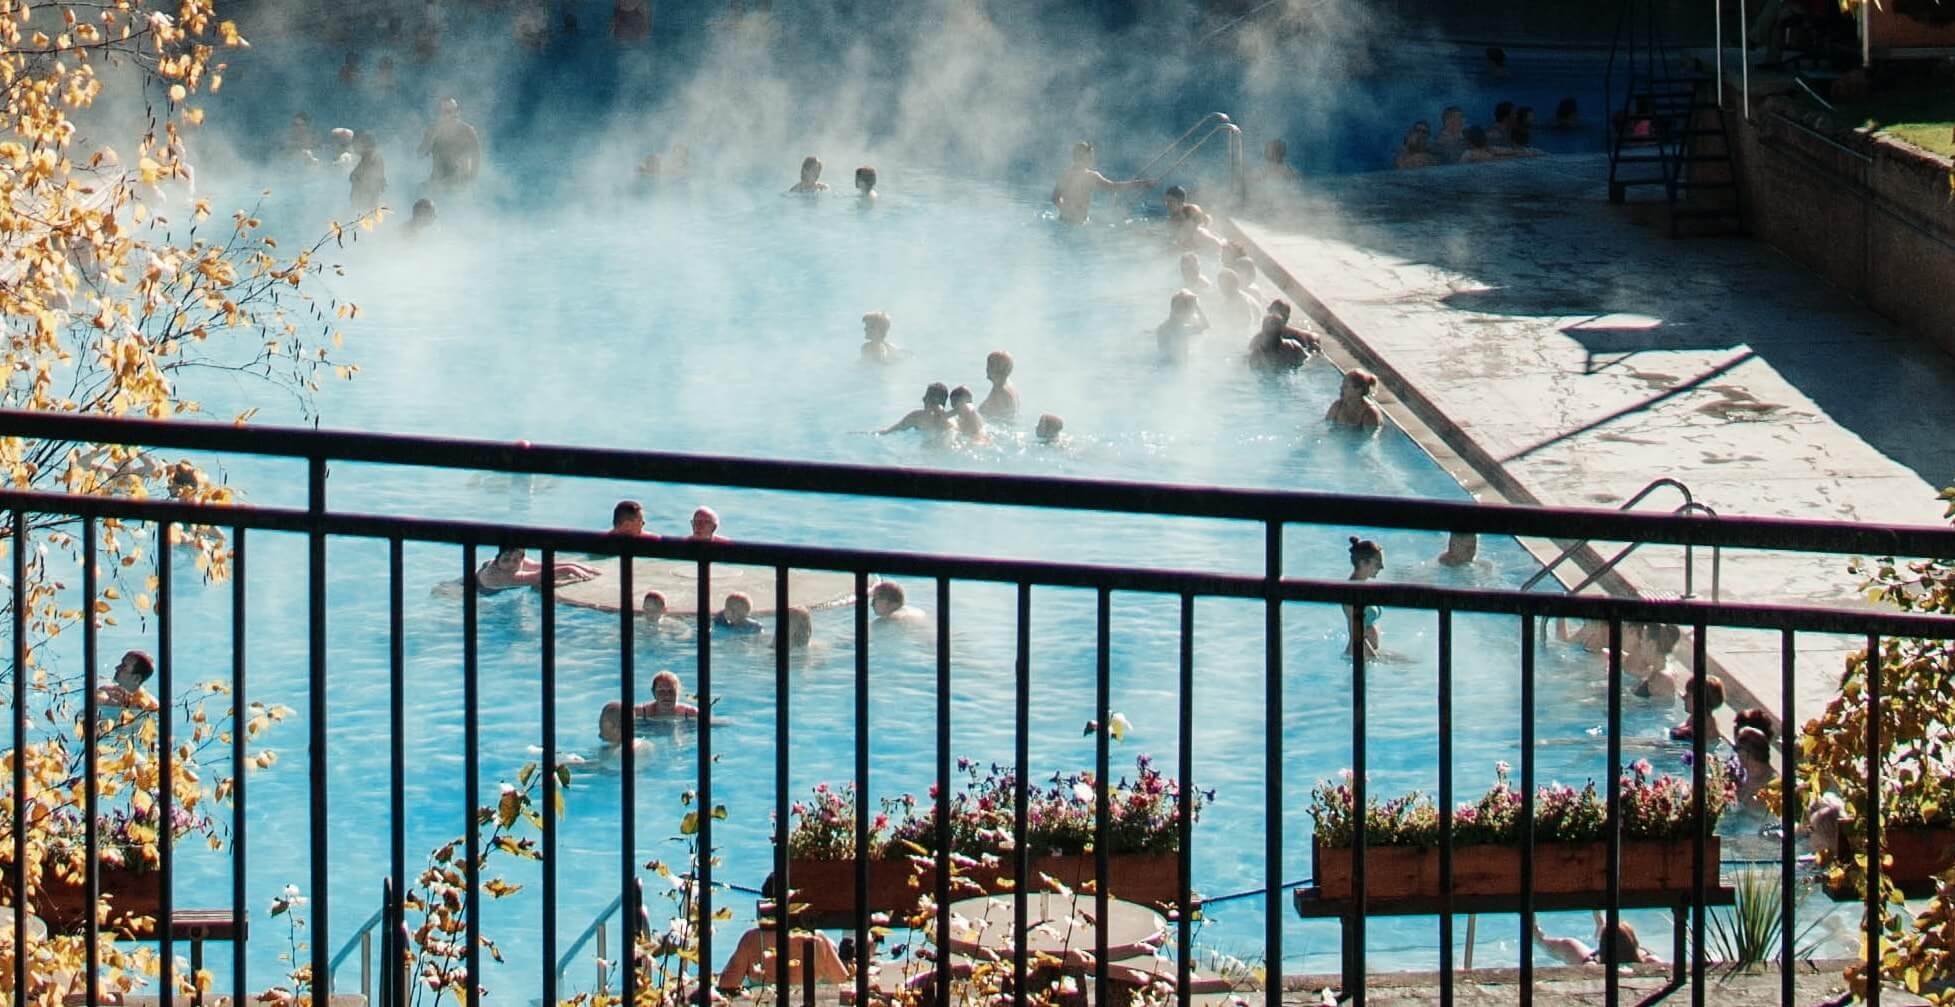 People soak in hot springs